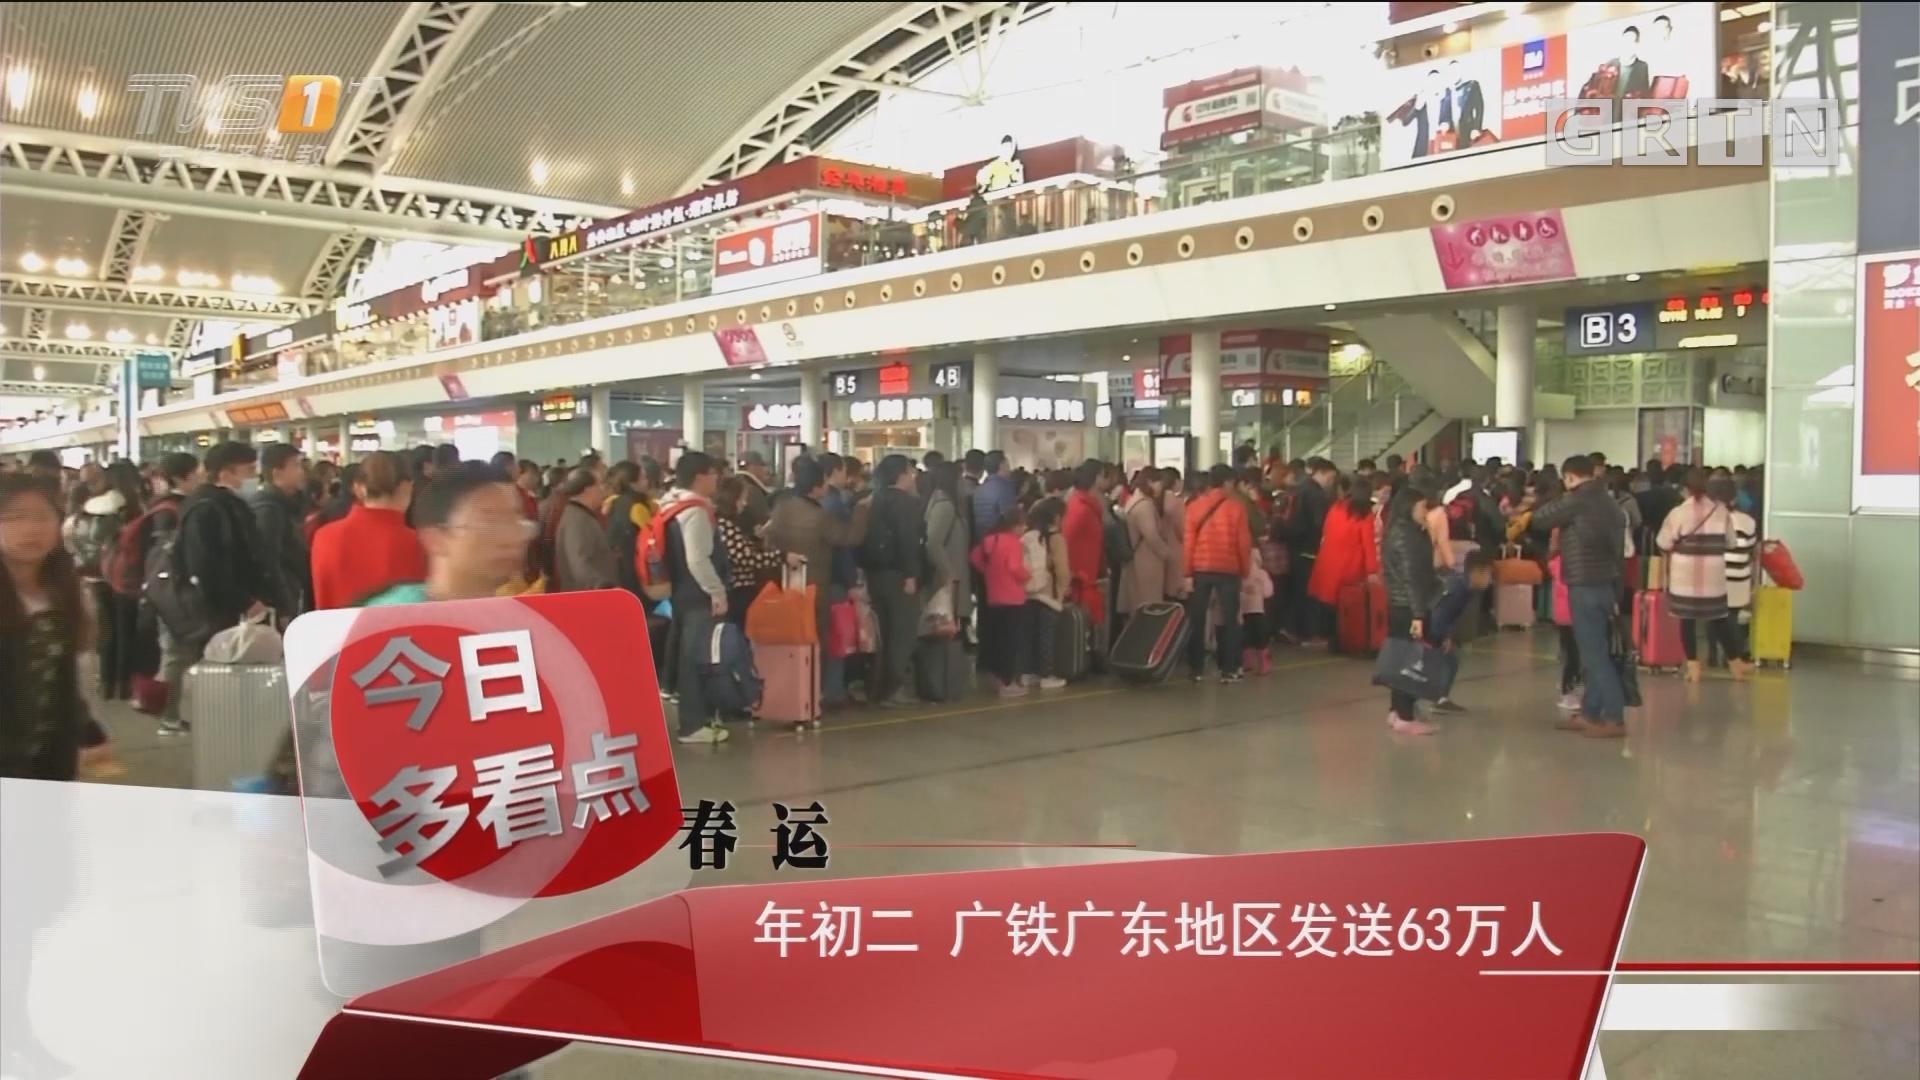 春运:年初二 广铁广东地区发送63万人